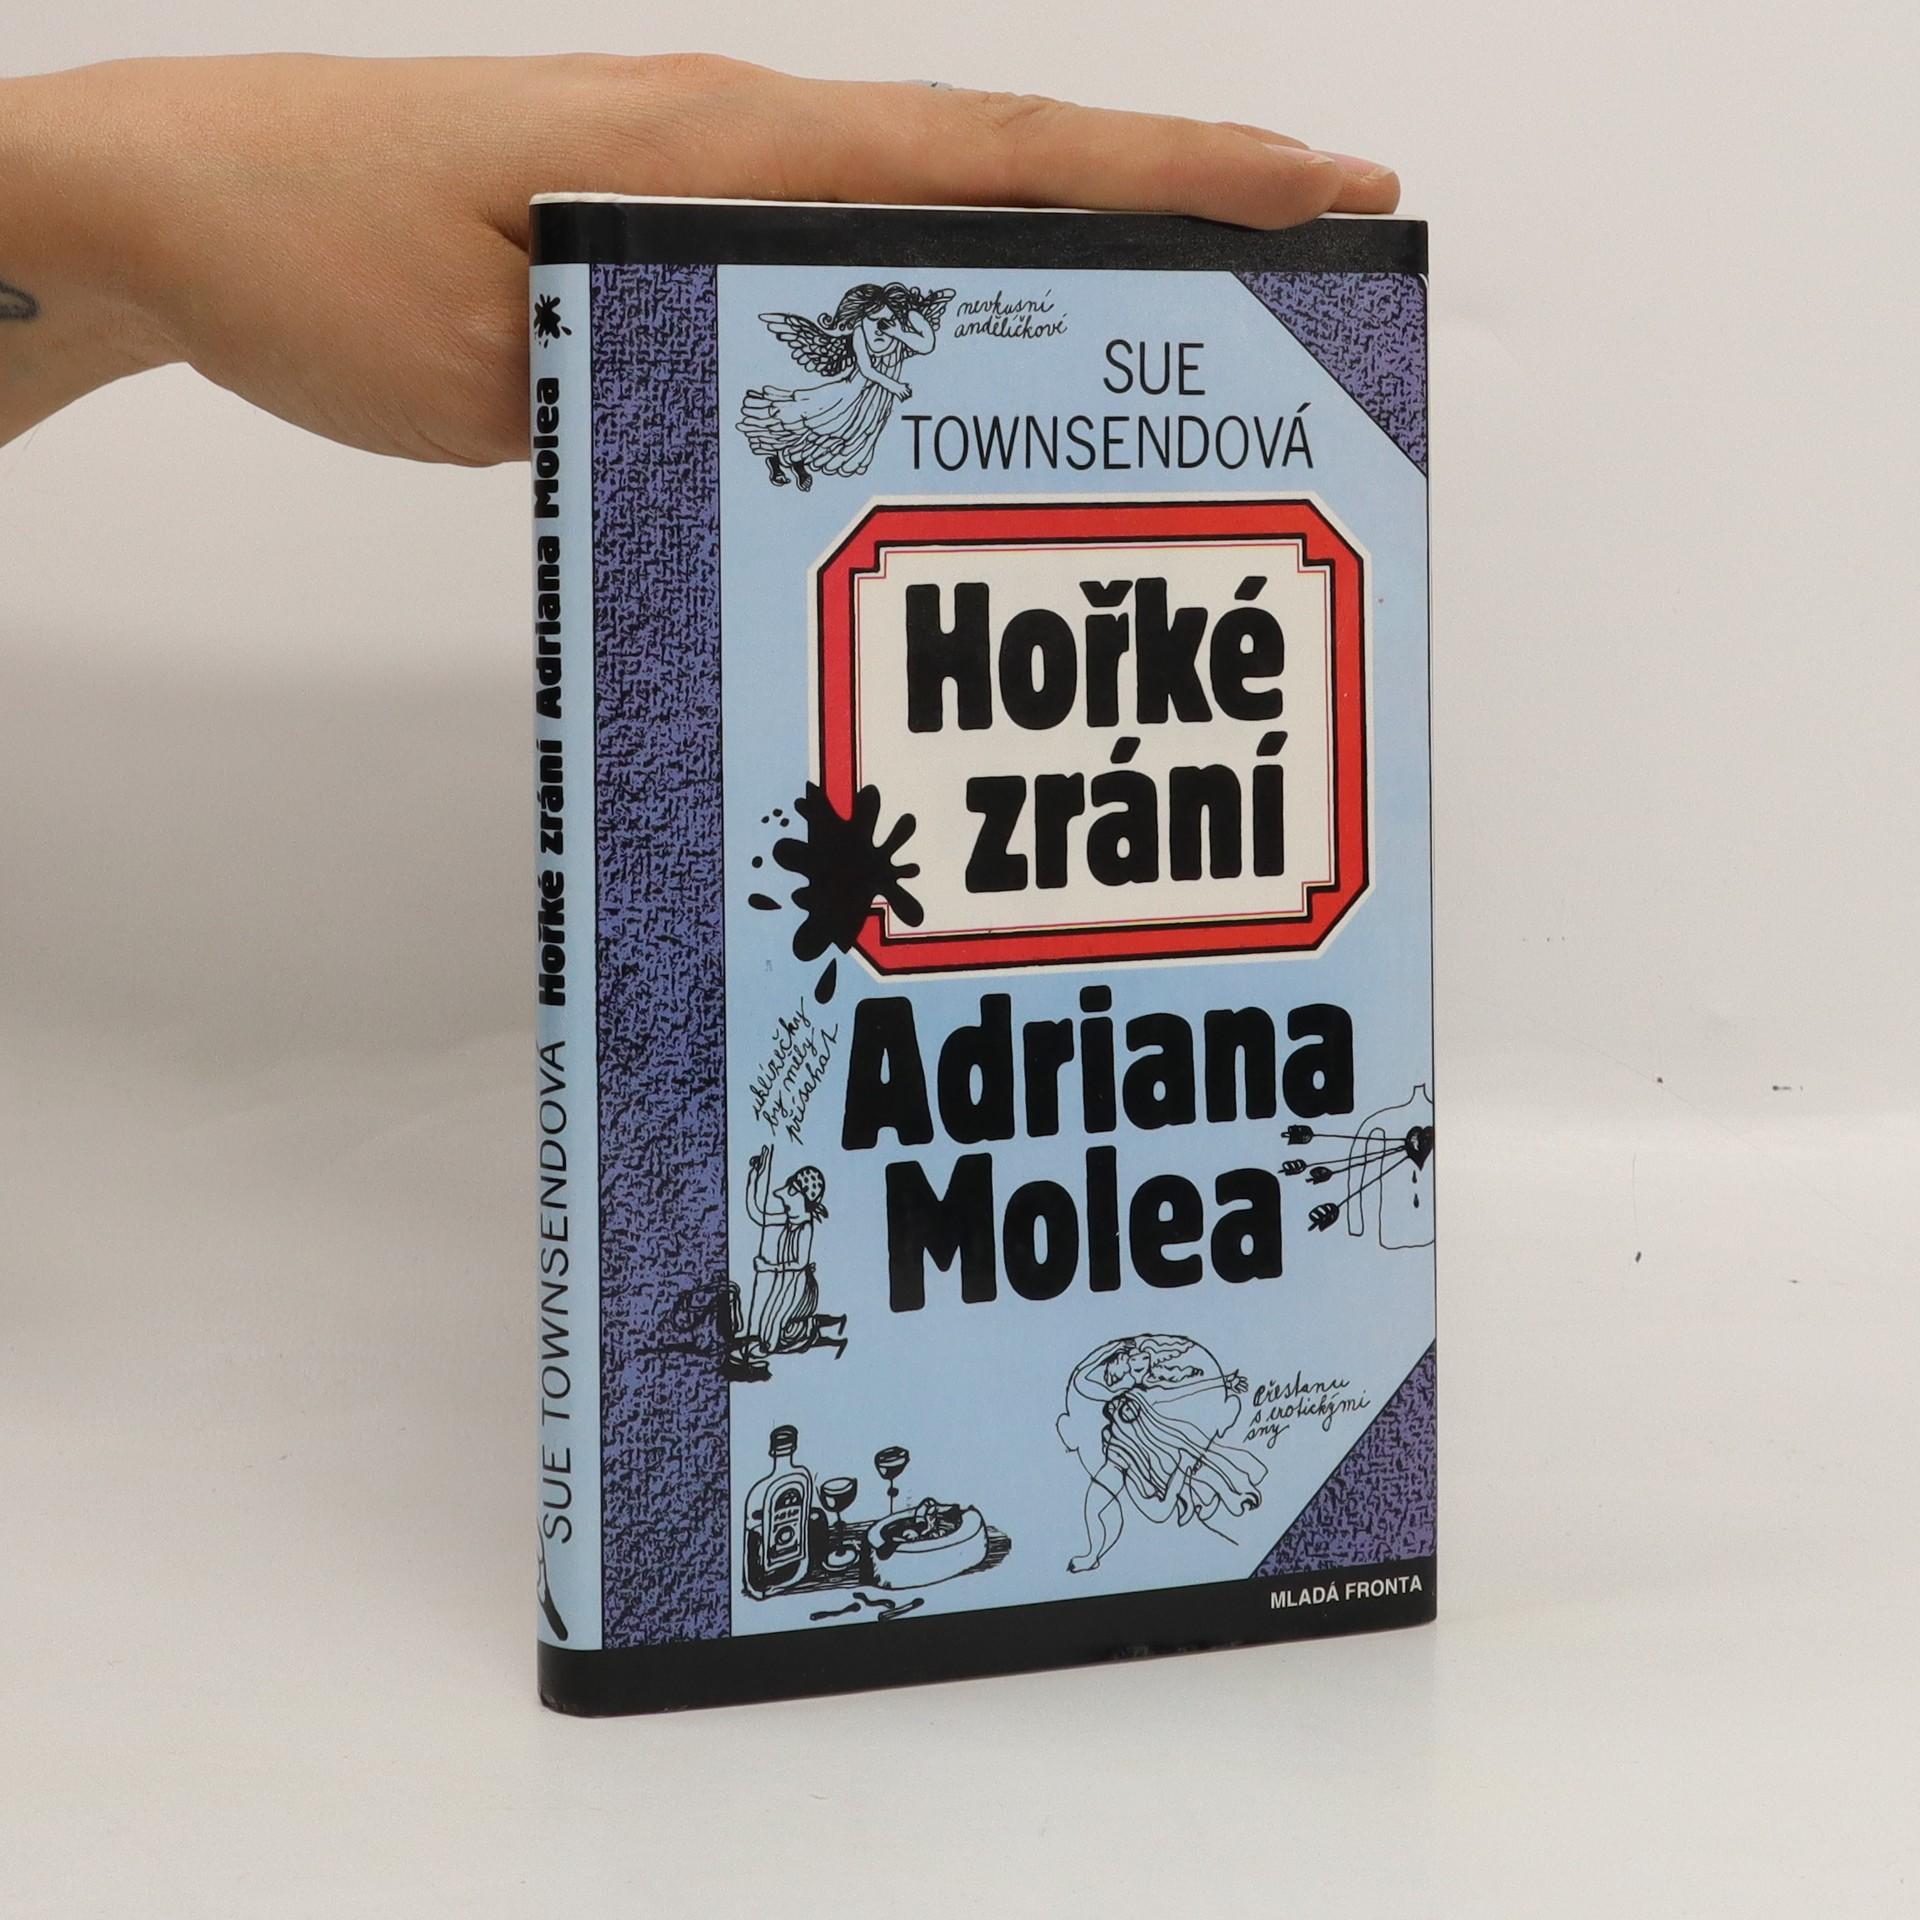 antikvární kniha Hořké zrání Adriana Molea, 1994